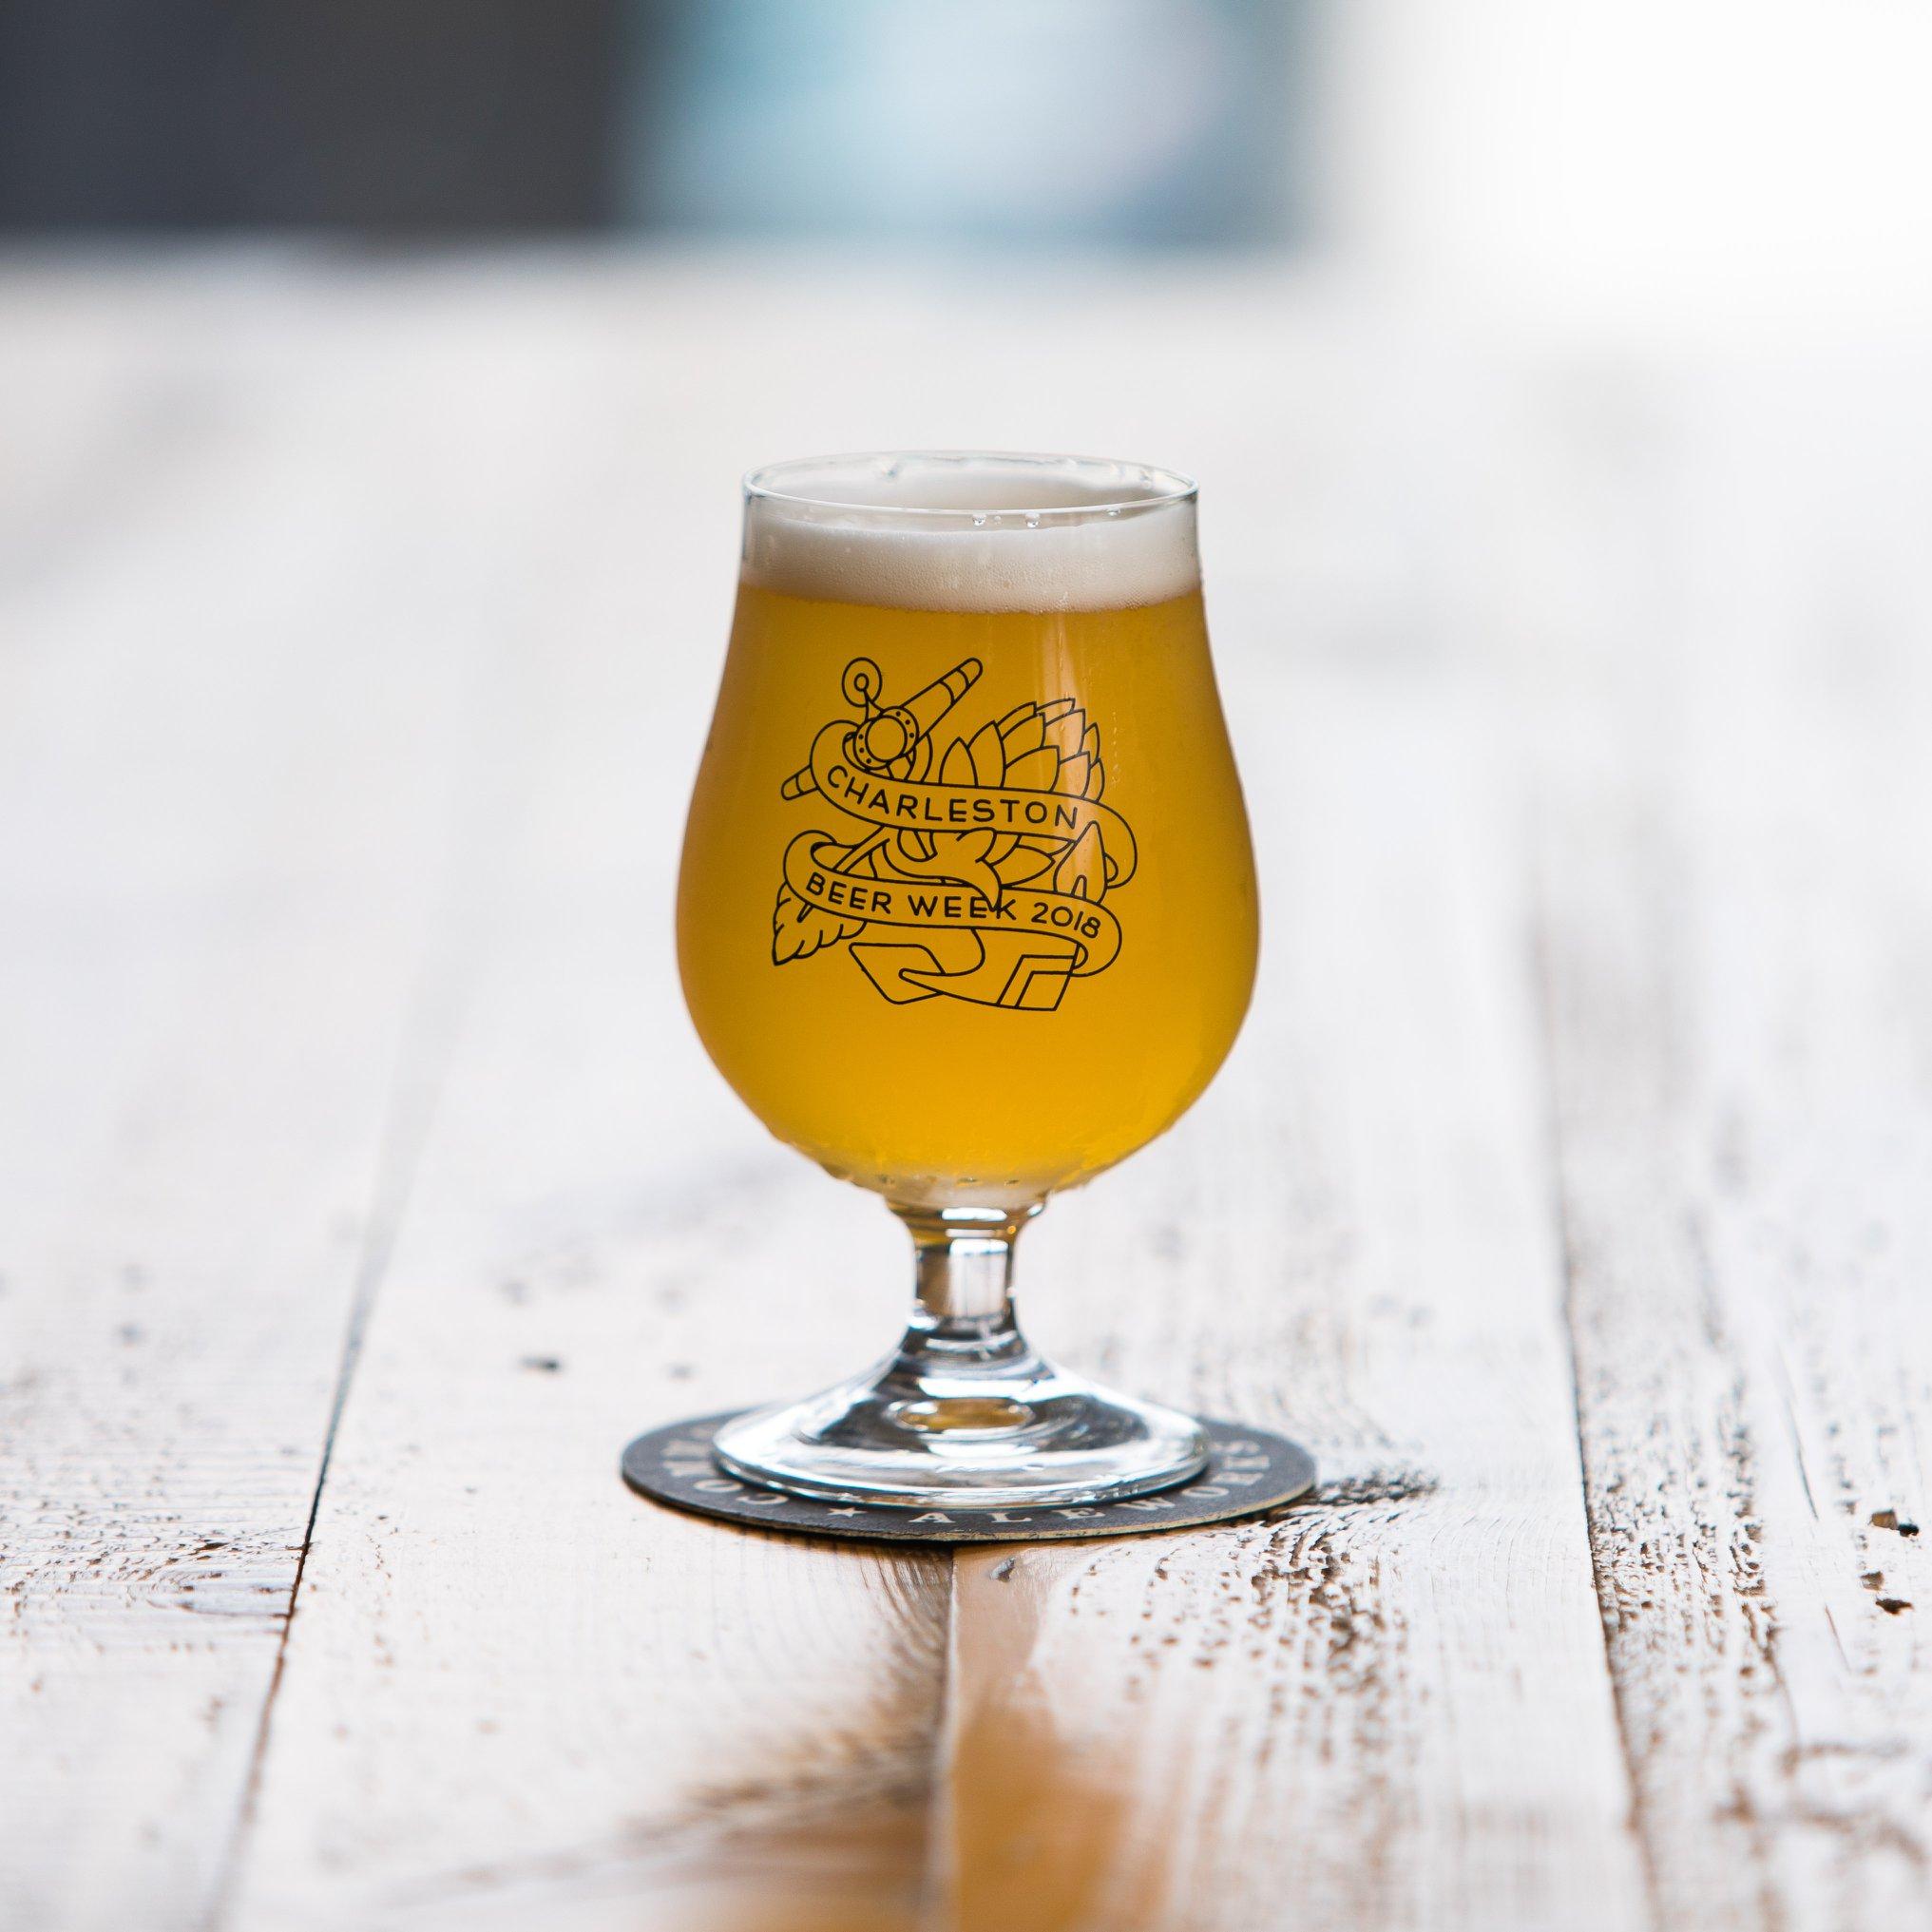 Charleston Beer Week 2018 Tulip Glass